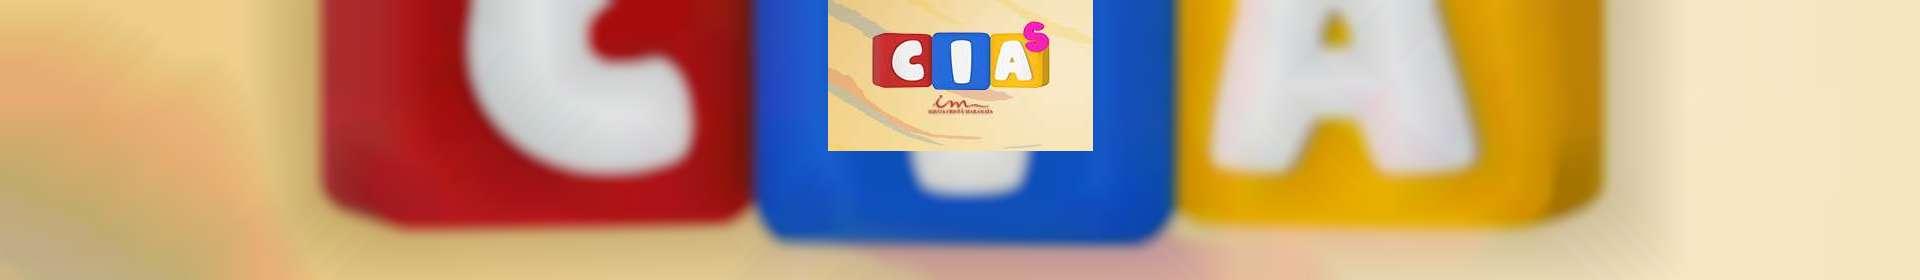 Aula de CIAS: classe de 3 a 7 anos - 31 de março de 2020